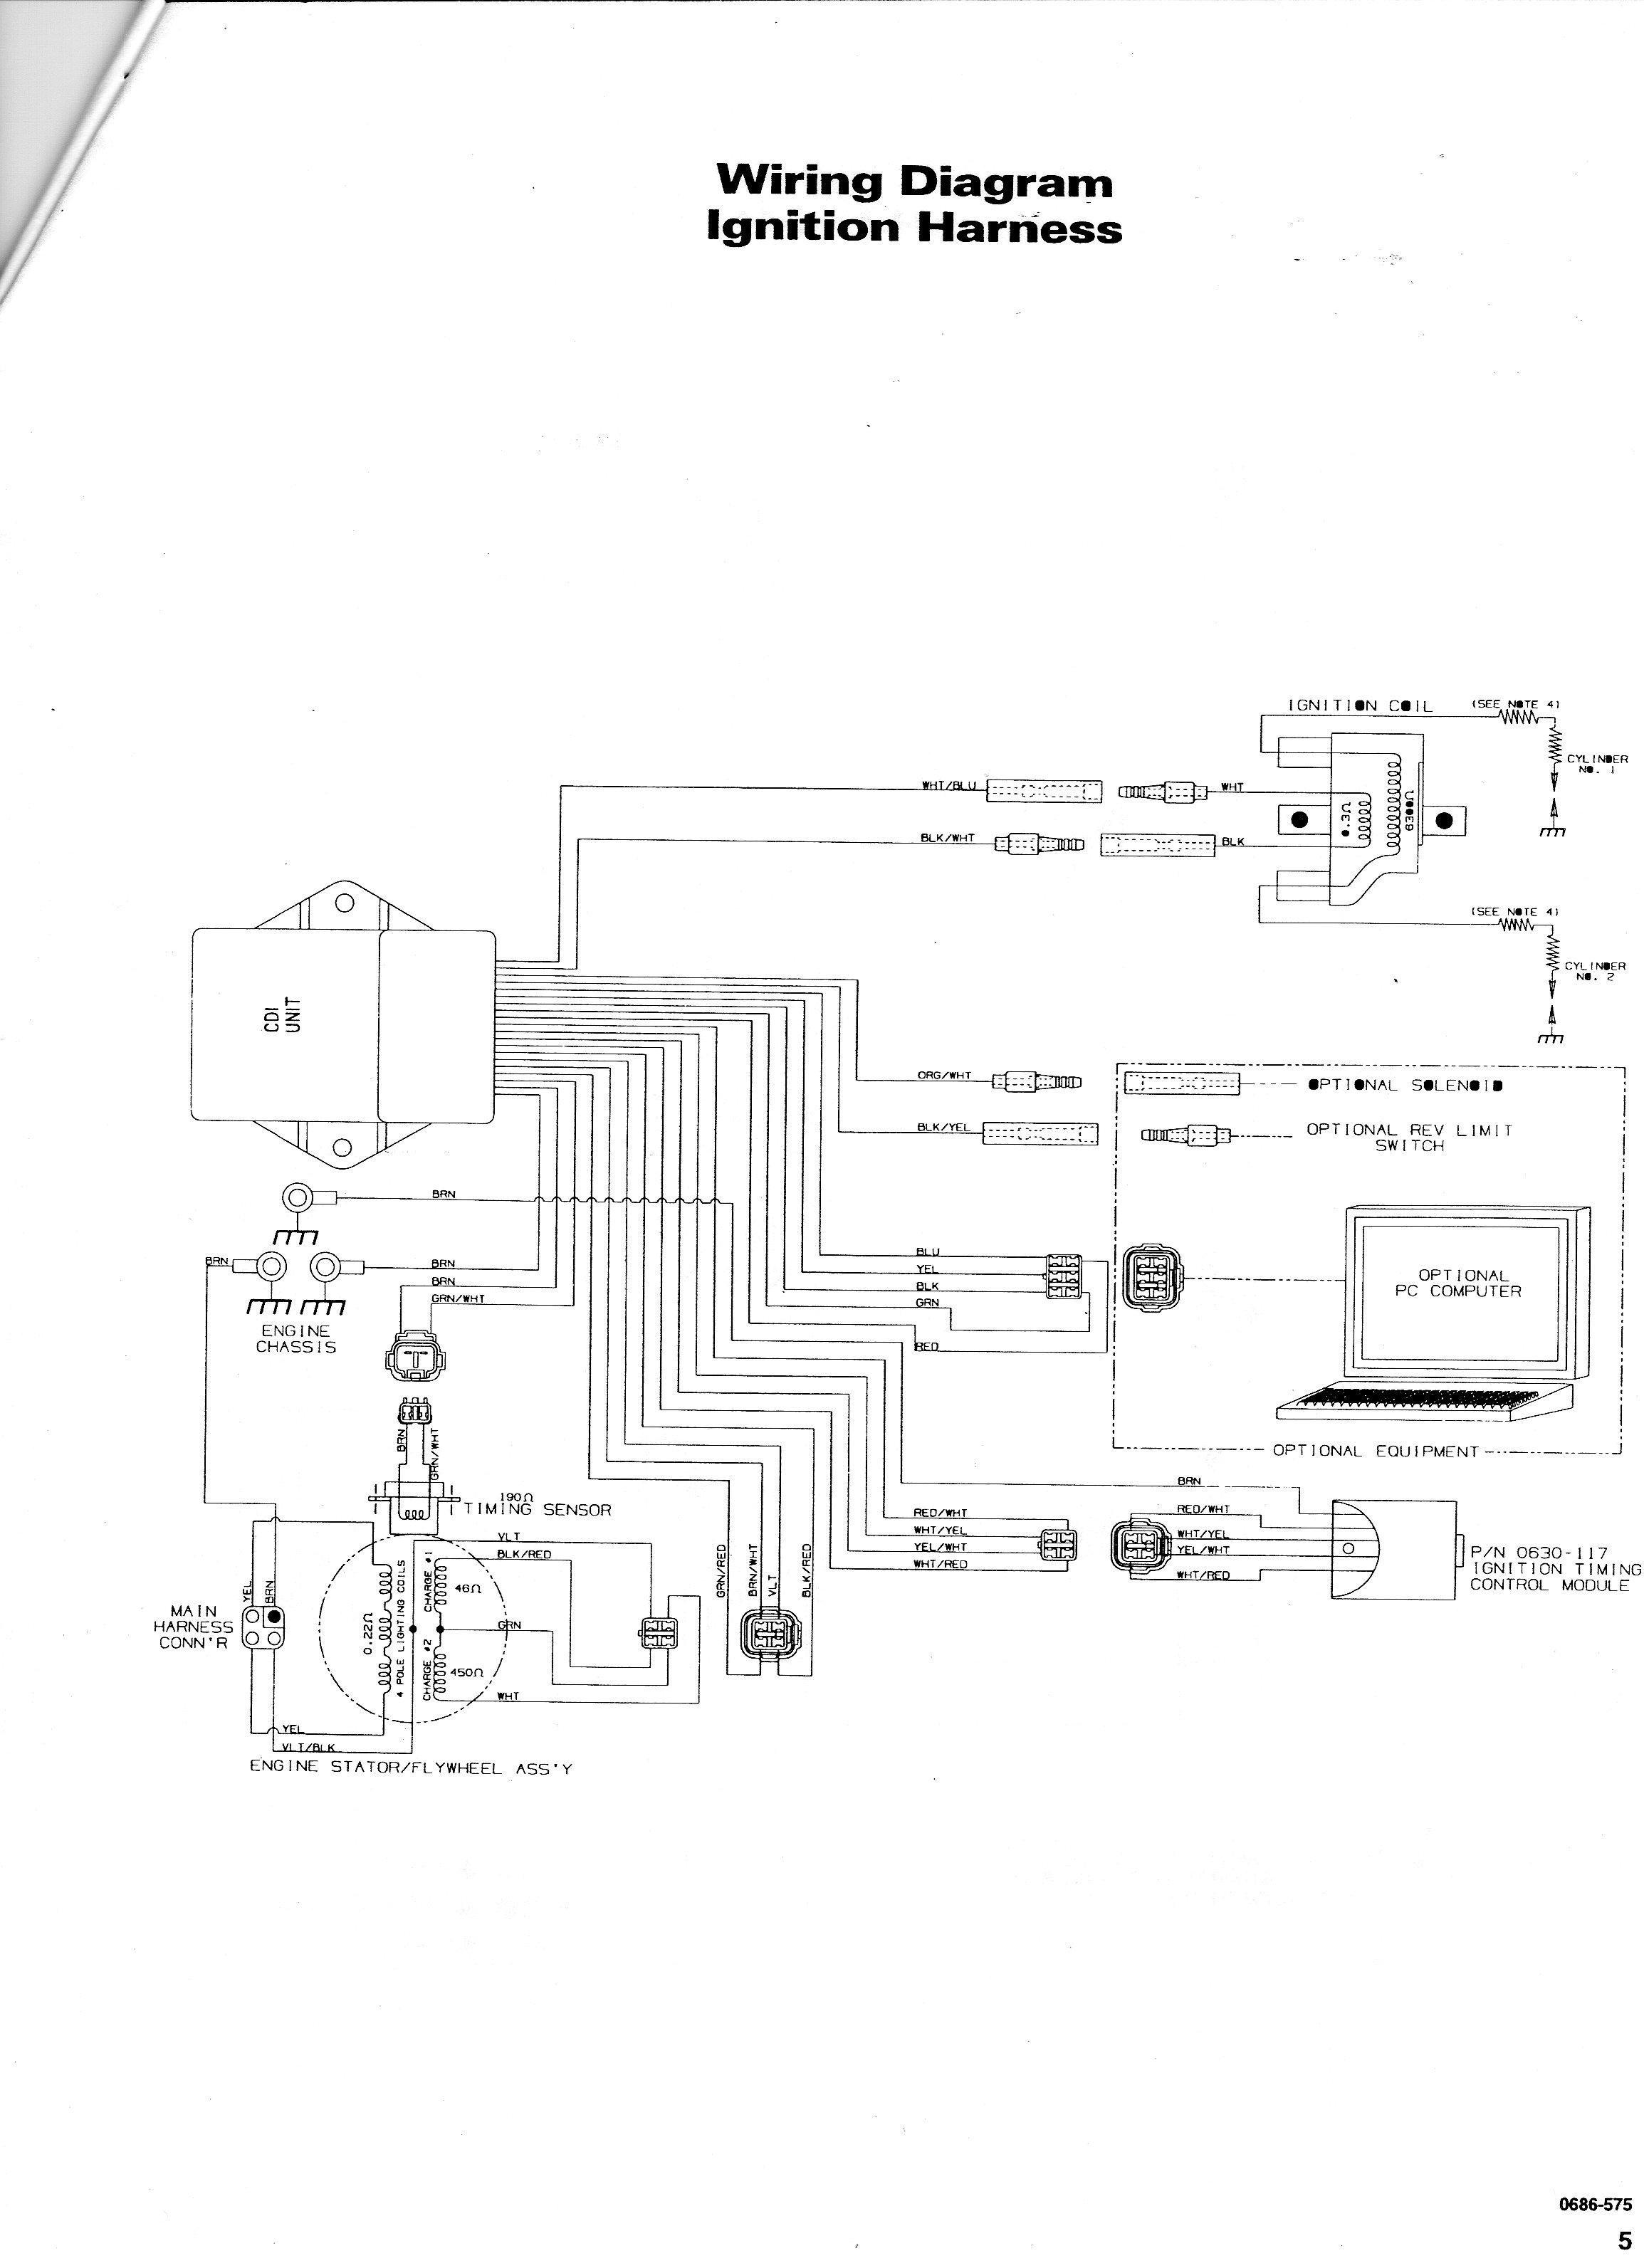 1998 Arctic Cat Jag 440 Wiring Diagram - 2000 Mercury Cougar Wiring  Schematic   Bege Wiring Diagram   1998 Arctic Cat 300 Wiring Diagram      Bege Wiring Diagram